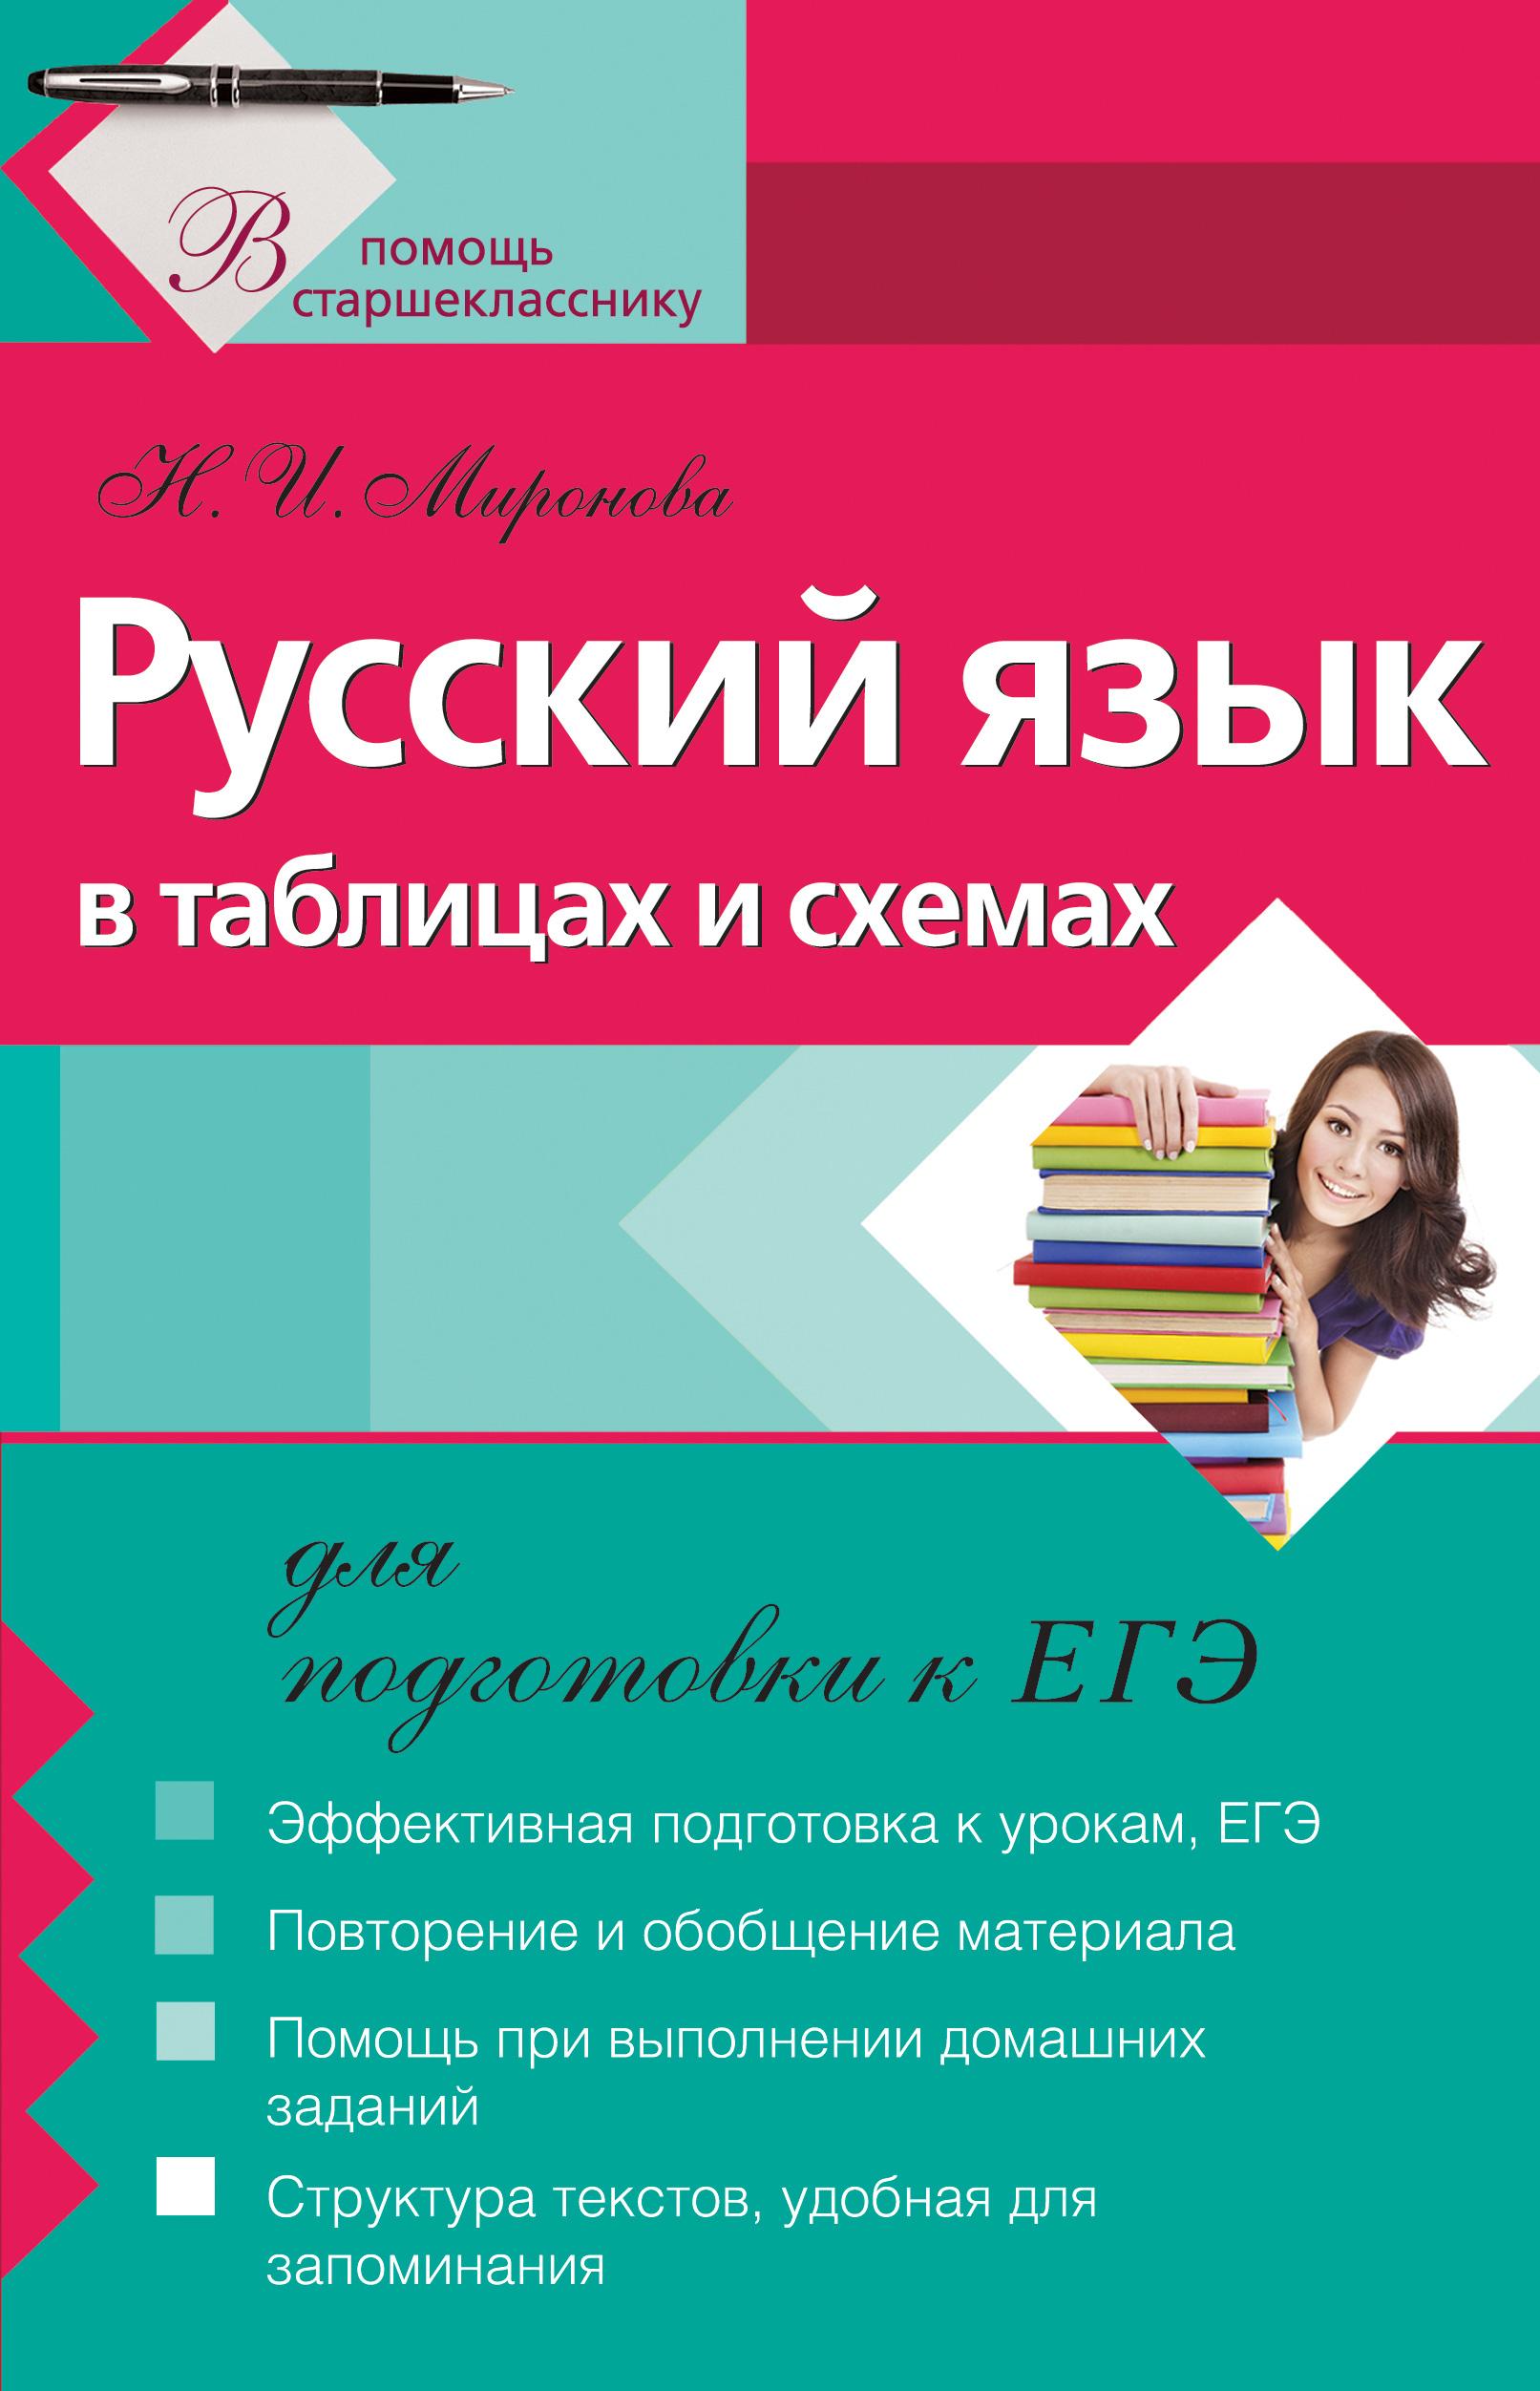 Русский язык в таблицах и схемах для подготовки к ЕГЭ